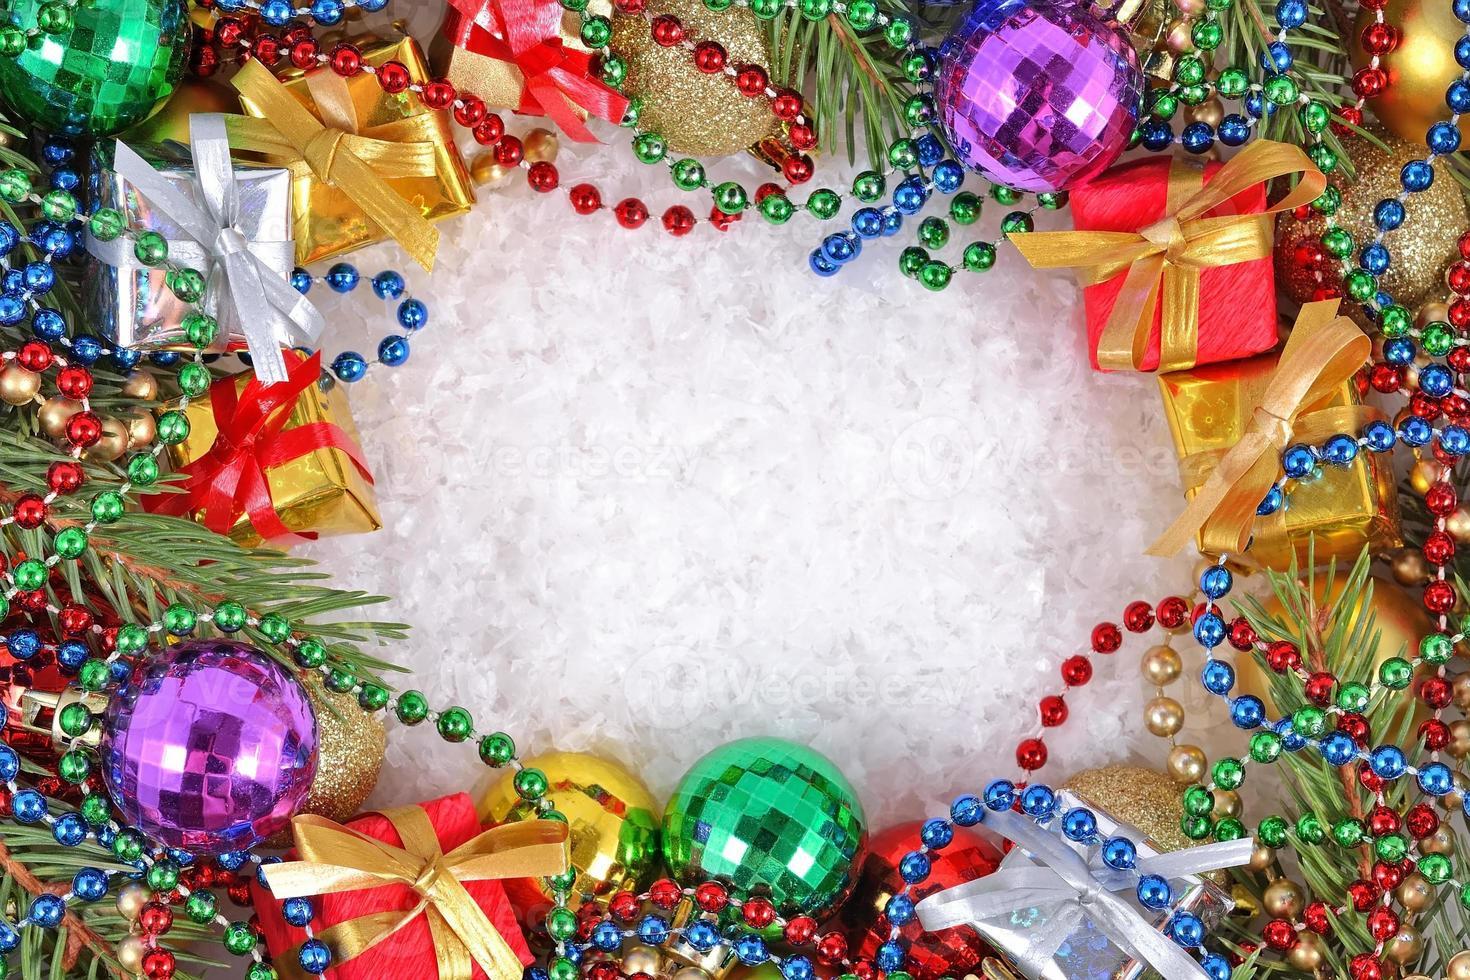 marco de adornos navideños foto